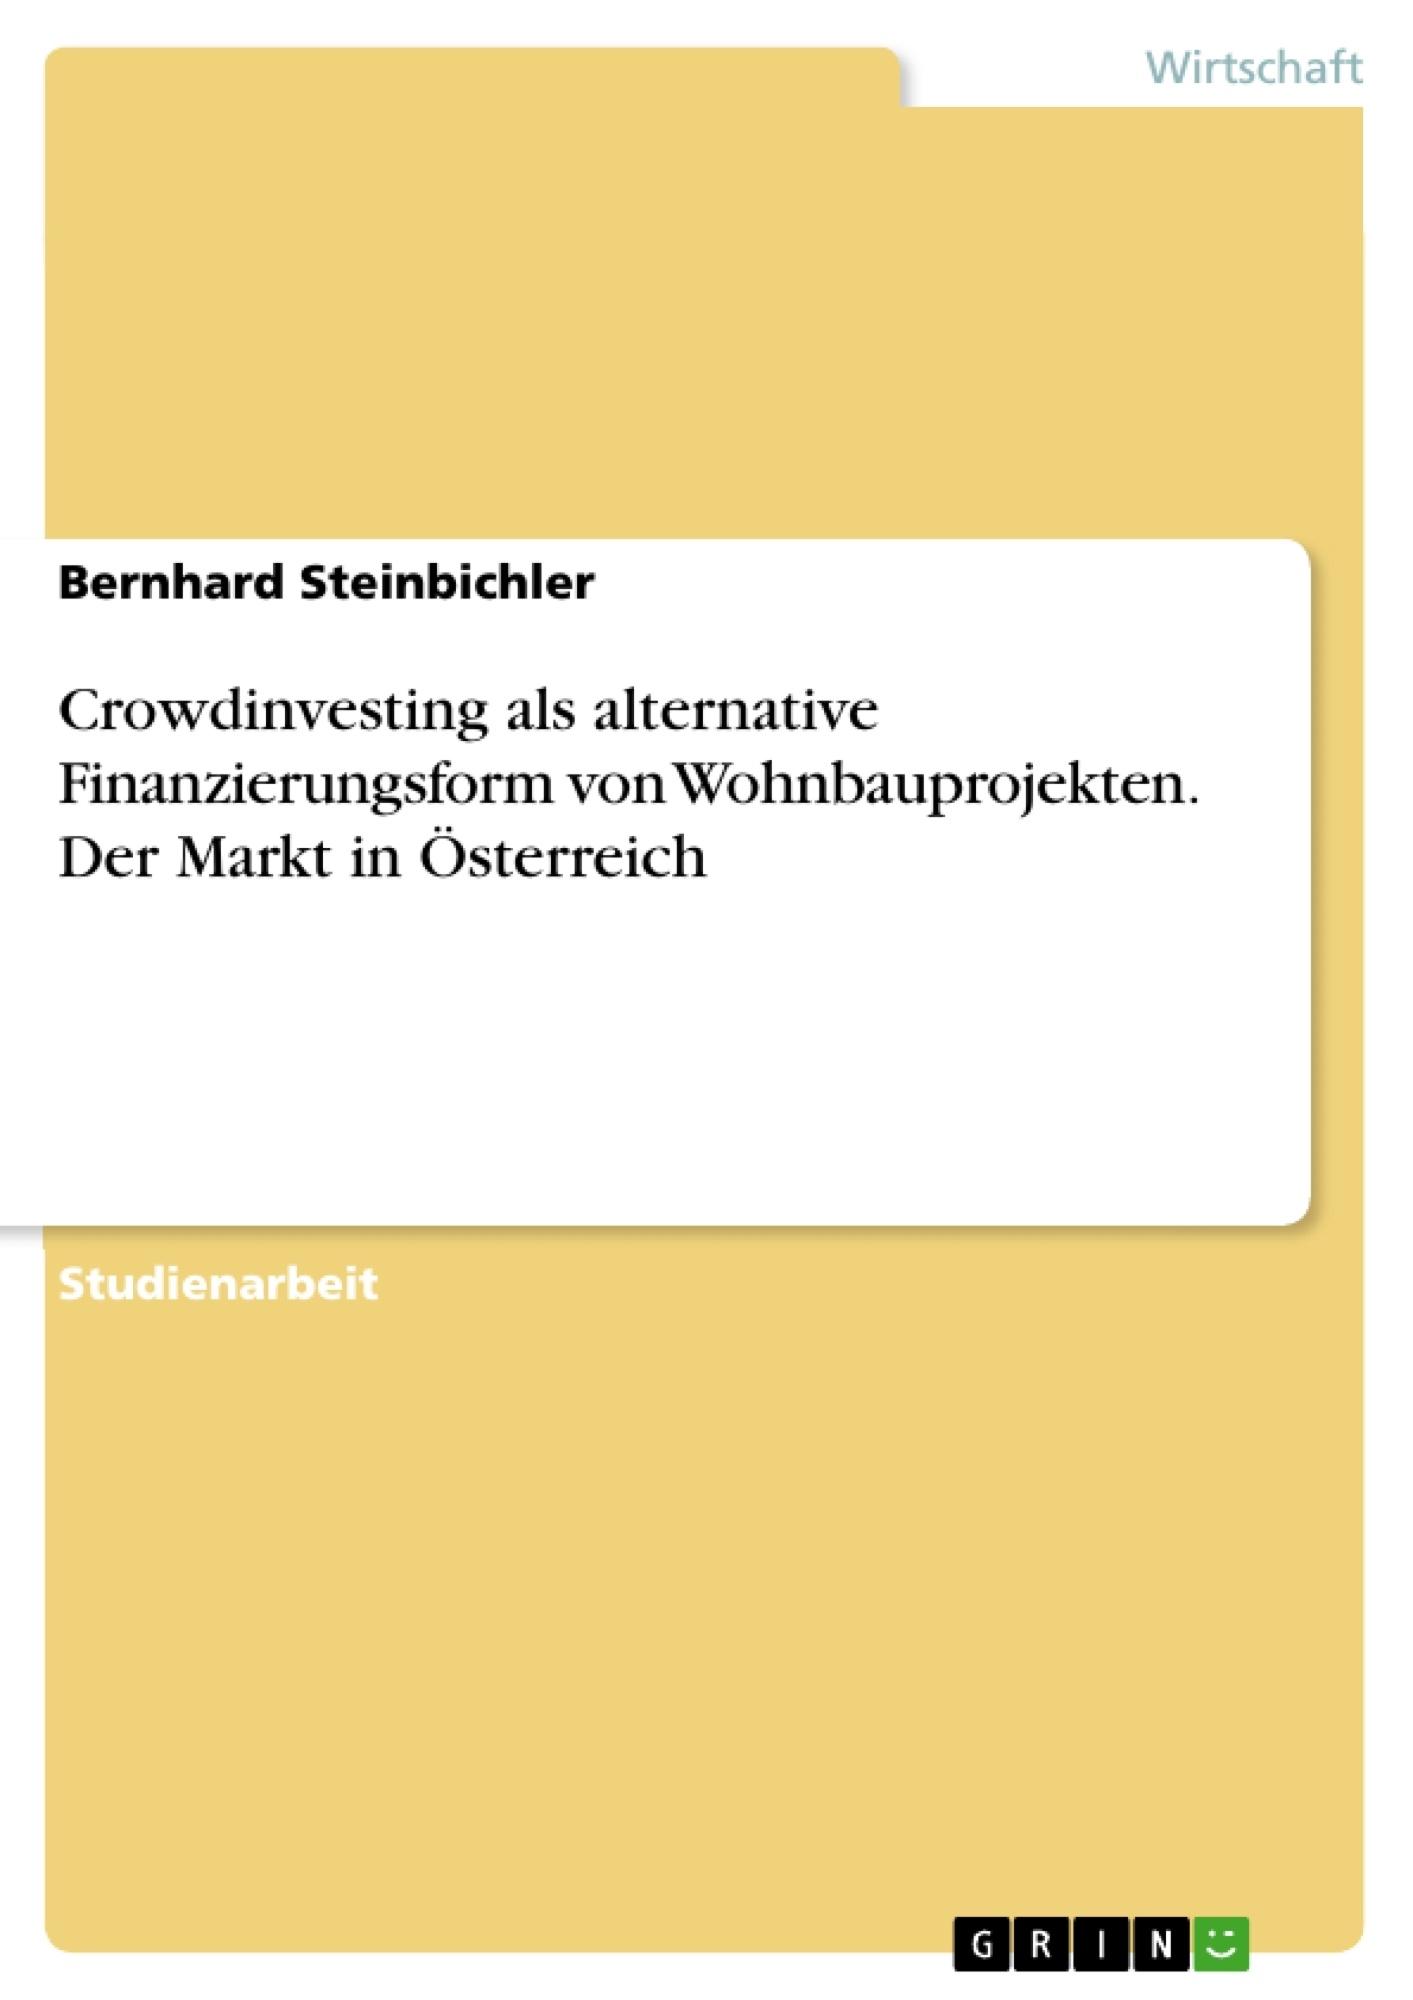 Titel: Crowdinvesting als alternative Finanzierungsform von Wohnbauprojekten. Der Markt in Österreich